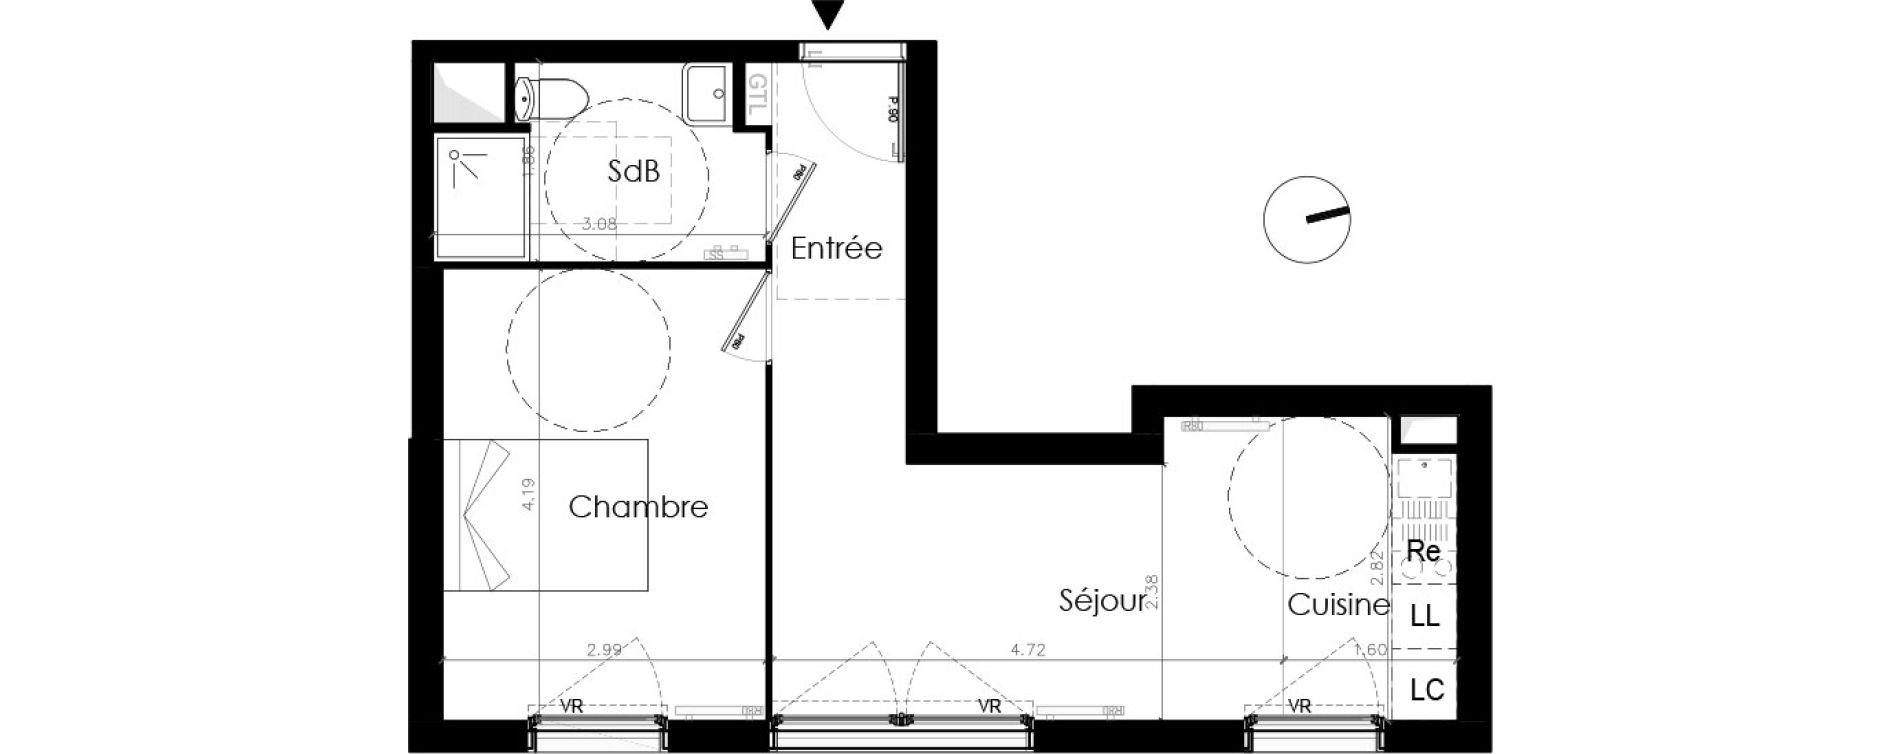 Appartement T2 de 38,20 m2 aux Mureaux Les mureaux centre ville